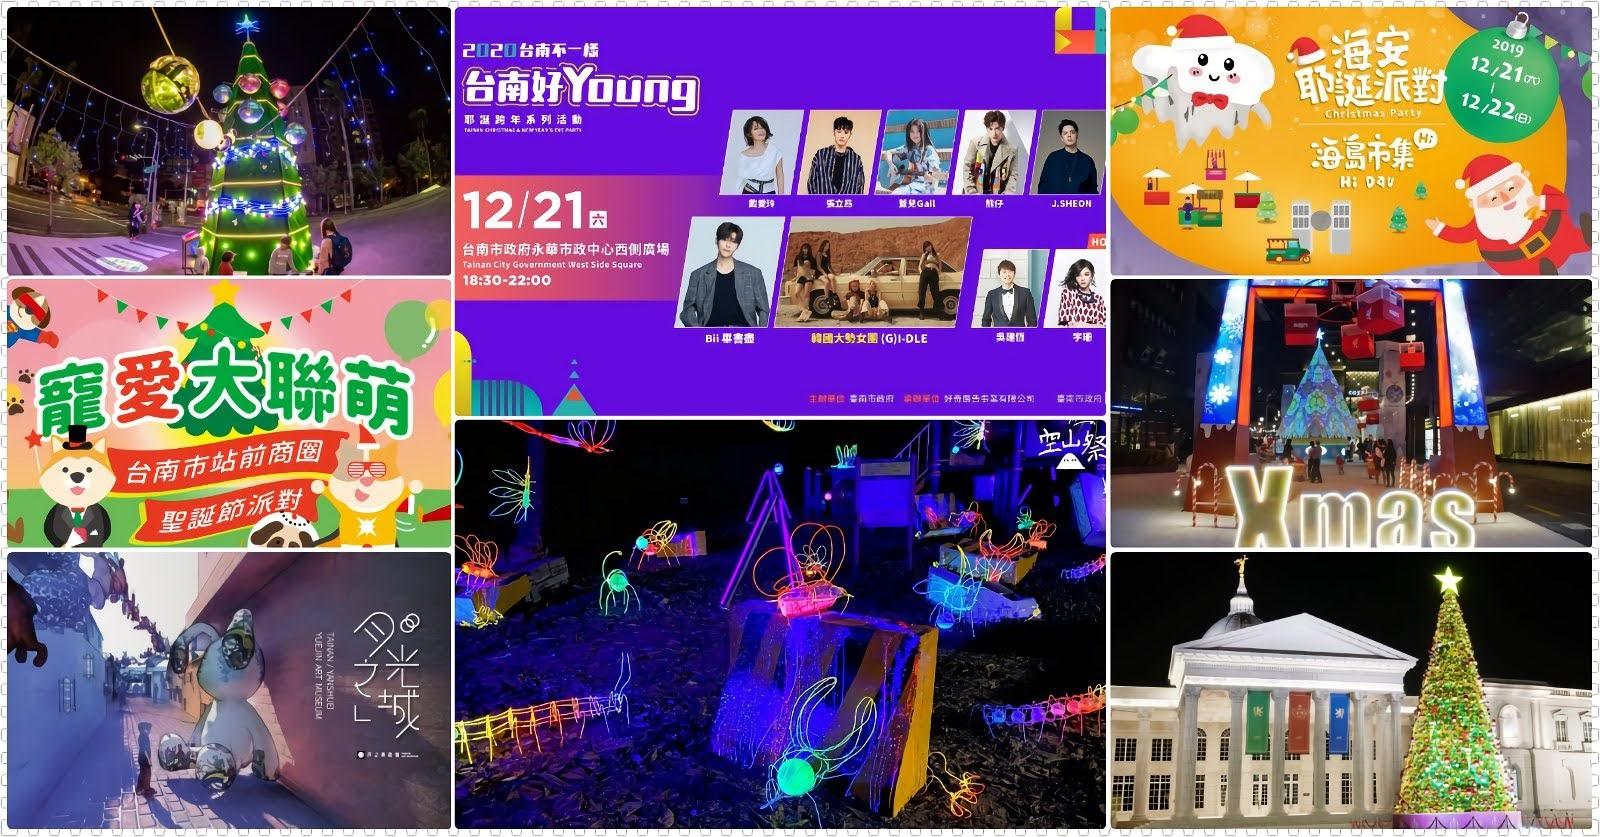 [活動] 2019 12/20-/12/22 台南週末活動整理|本週末活動數:64